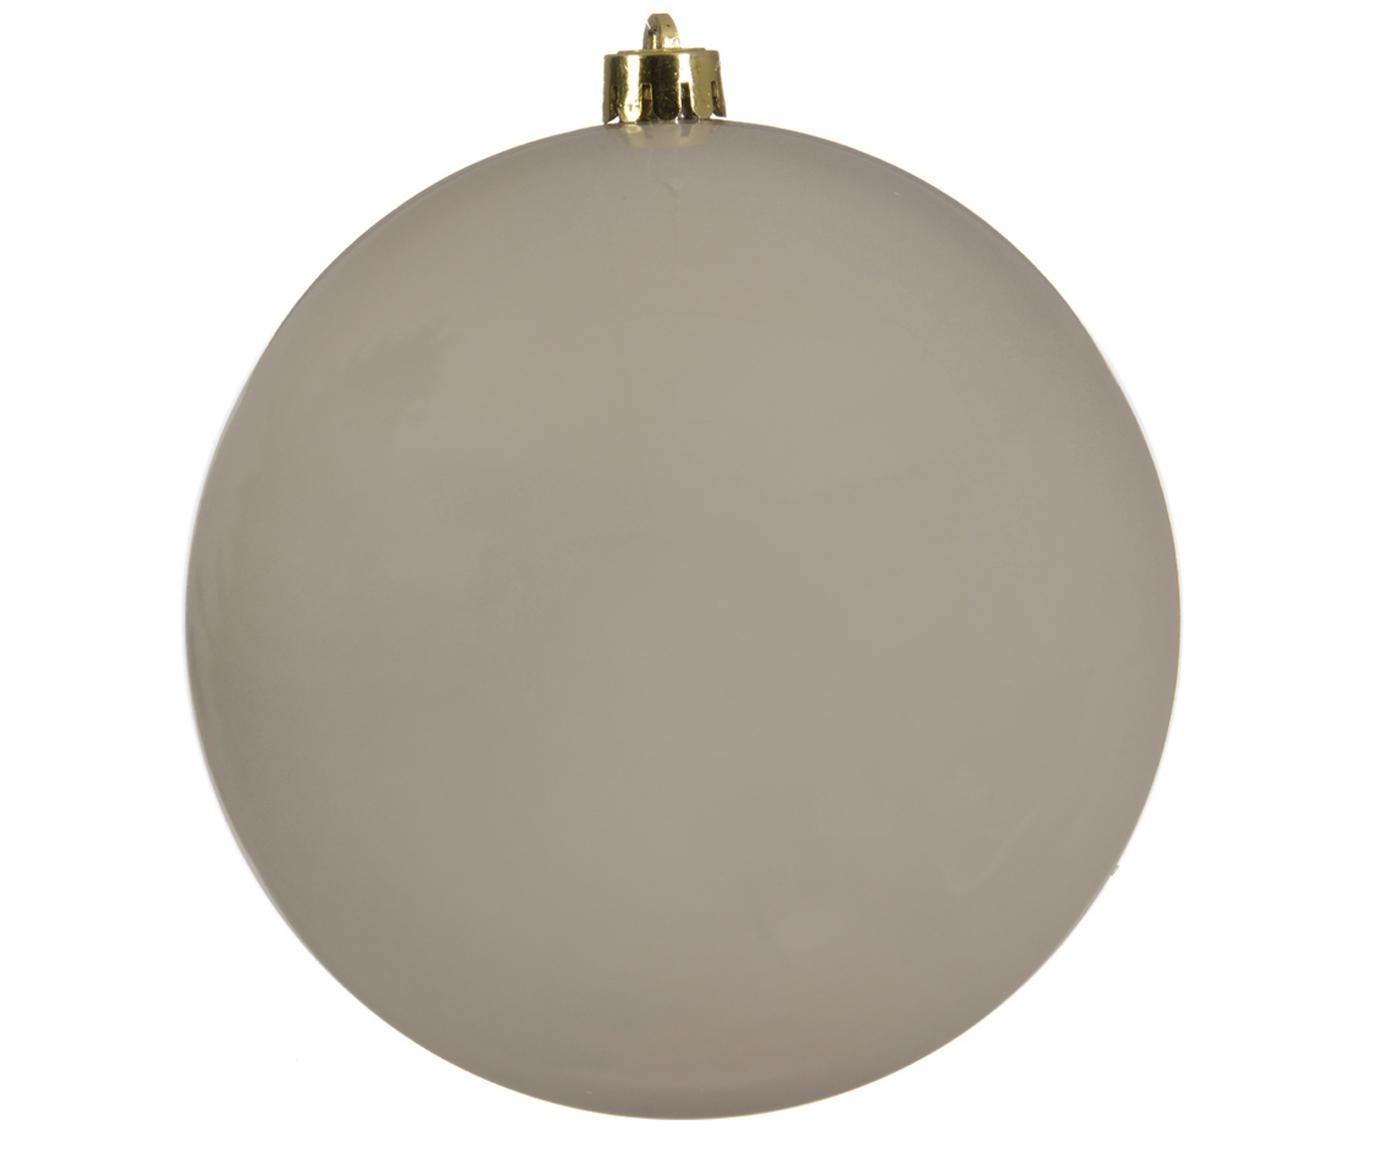 XL Weihnachtskugel Minstix, Kunststoff, Beige, Ø 20 cm